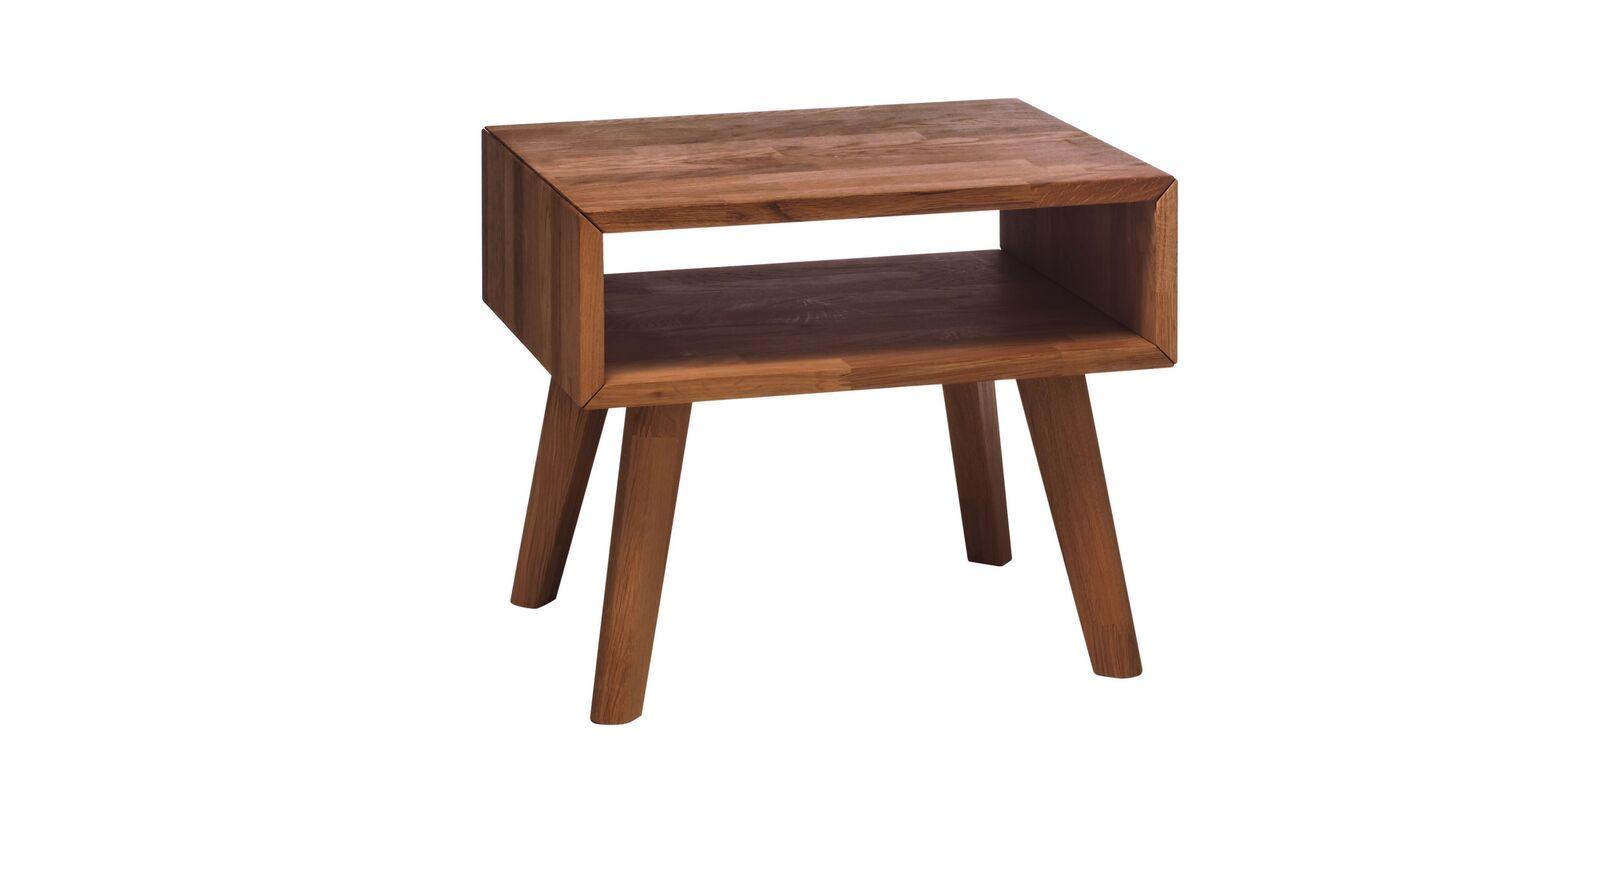 Nachttisch Jacalto mit Fach und ausgestellten Beinen